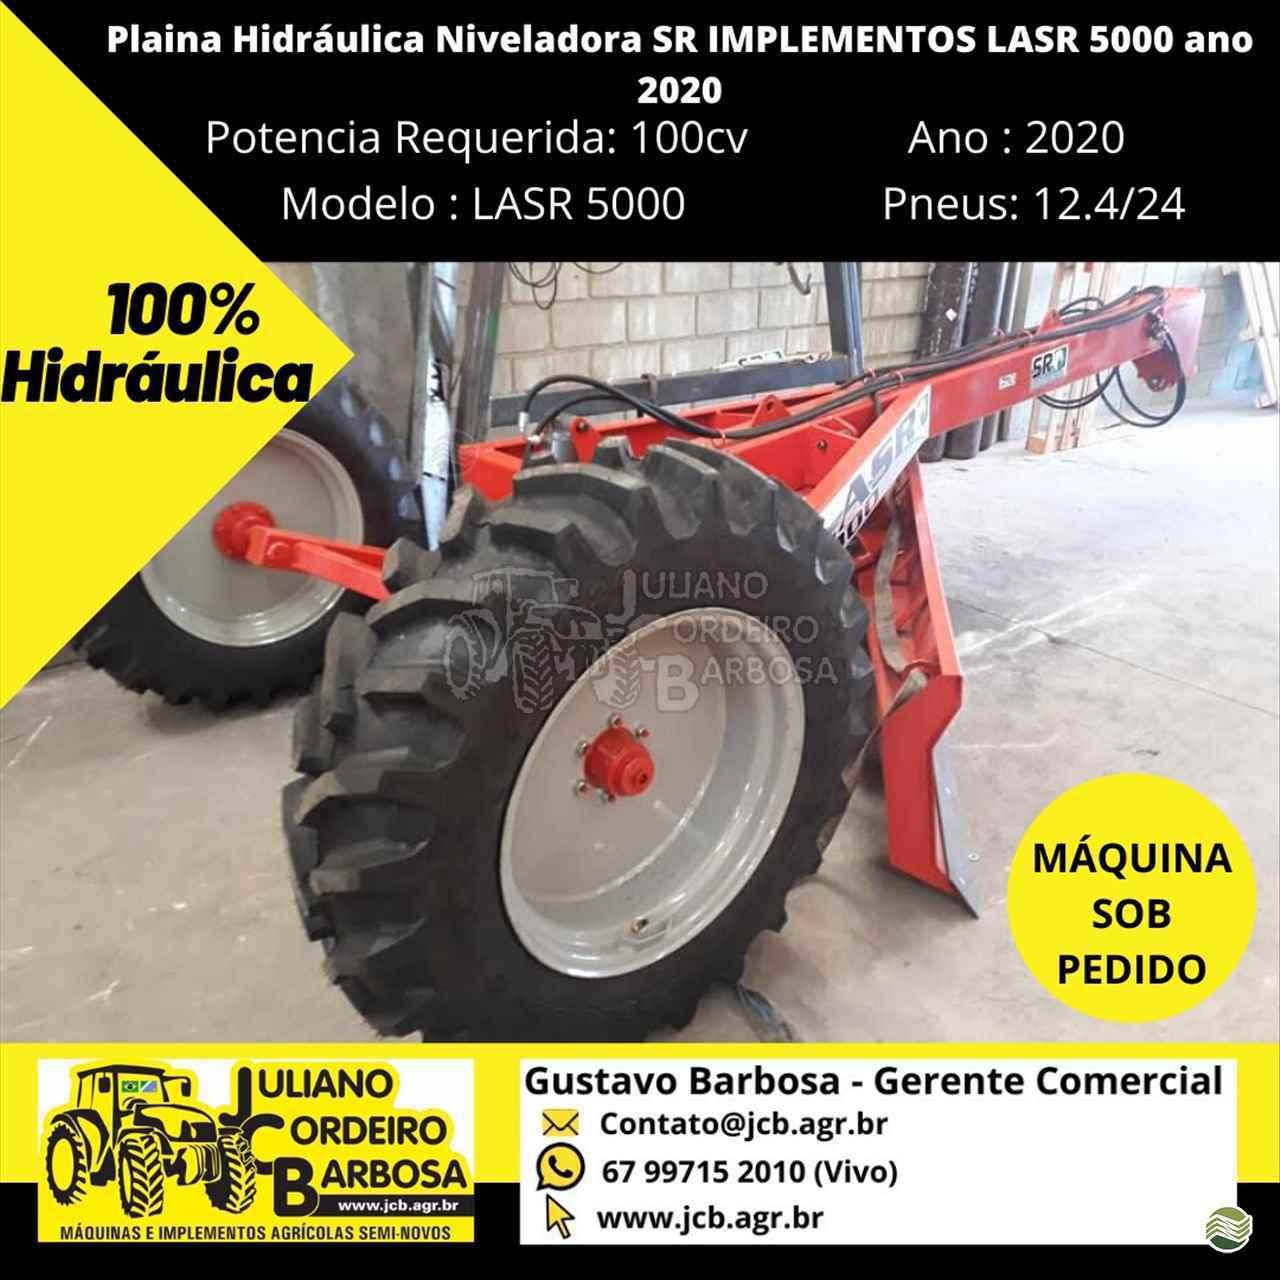 IMPLEMENTOS AGRICOLAS PLAINA NIVELADORA PLAINA DE ARRASTO JCB Máquinas e Implementos Agrícolas MARACAJU MATO GROSSO DO SUL MS